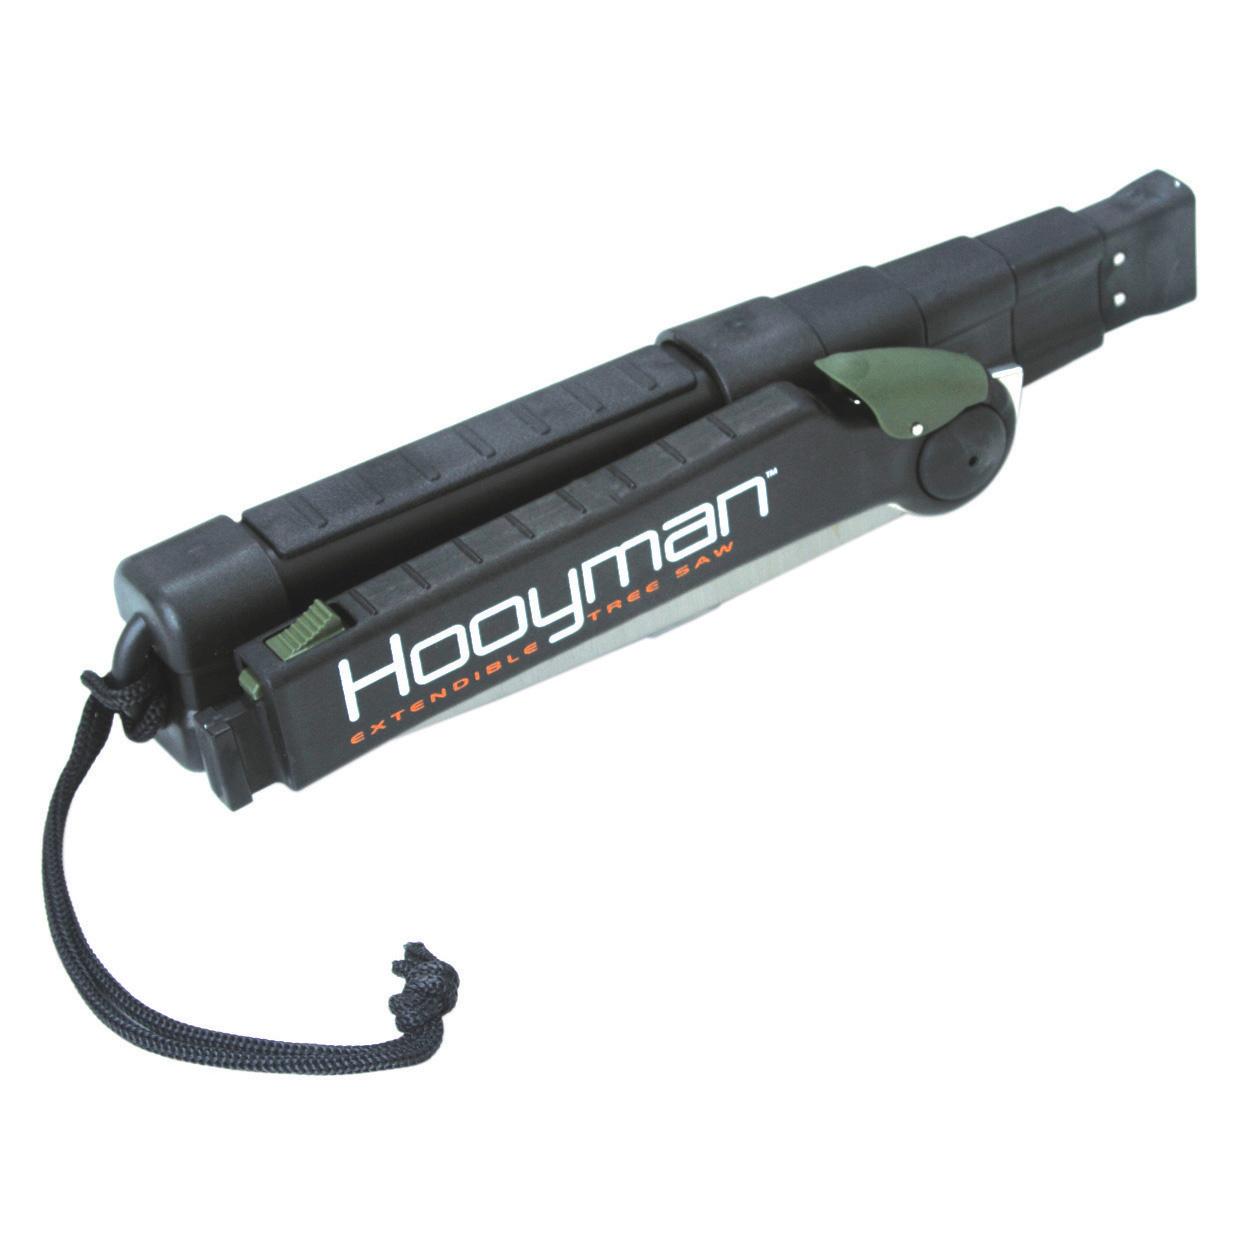 Hooyman 5′ Extendable Saw